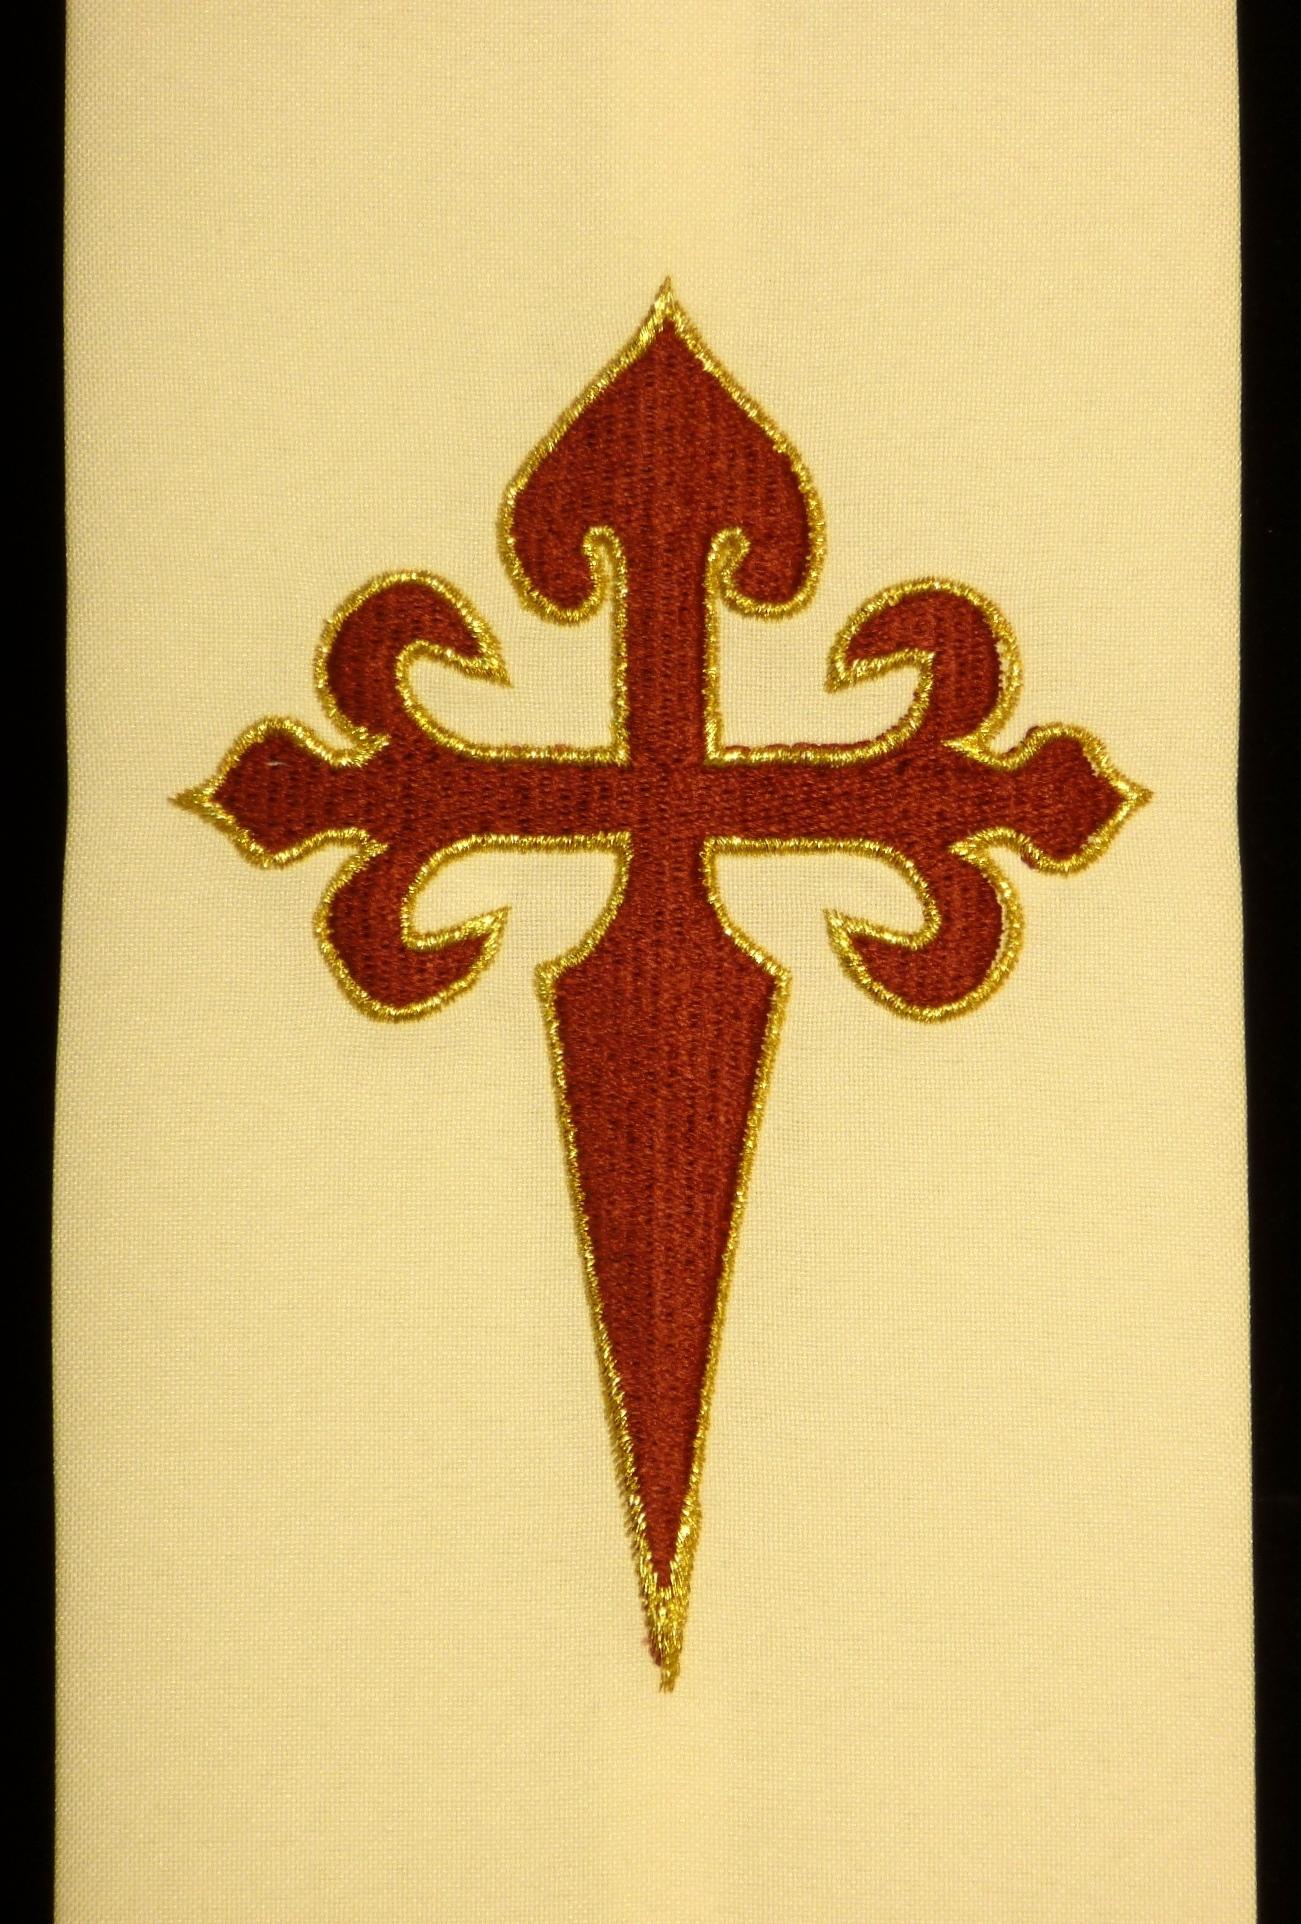 Cruz de Santiago bordada en rayón y oro sobre poliéster